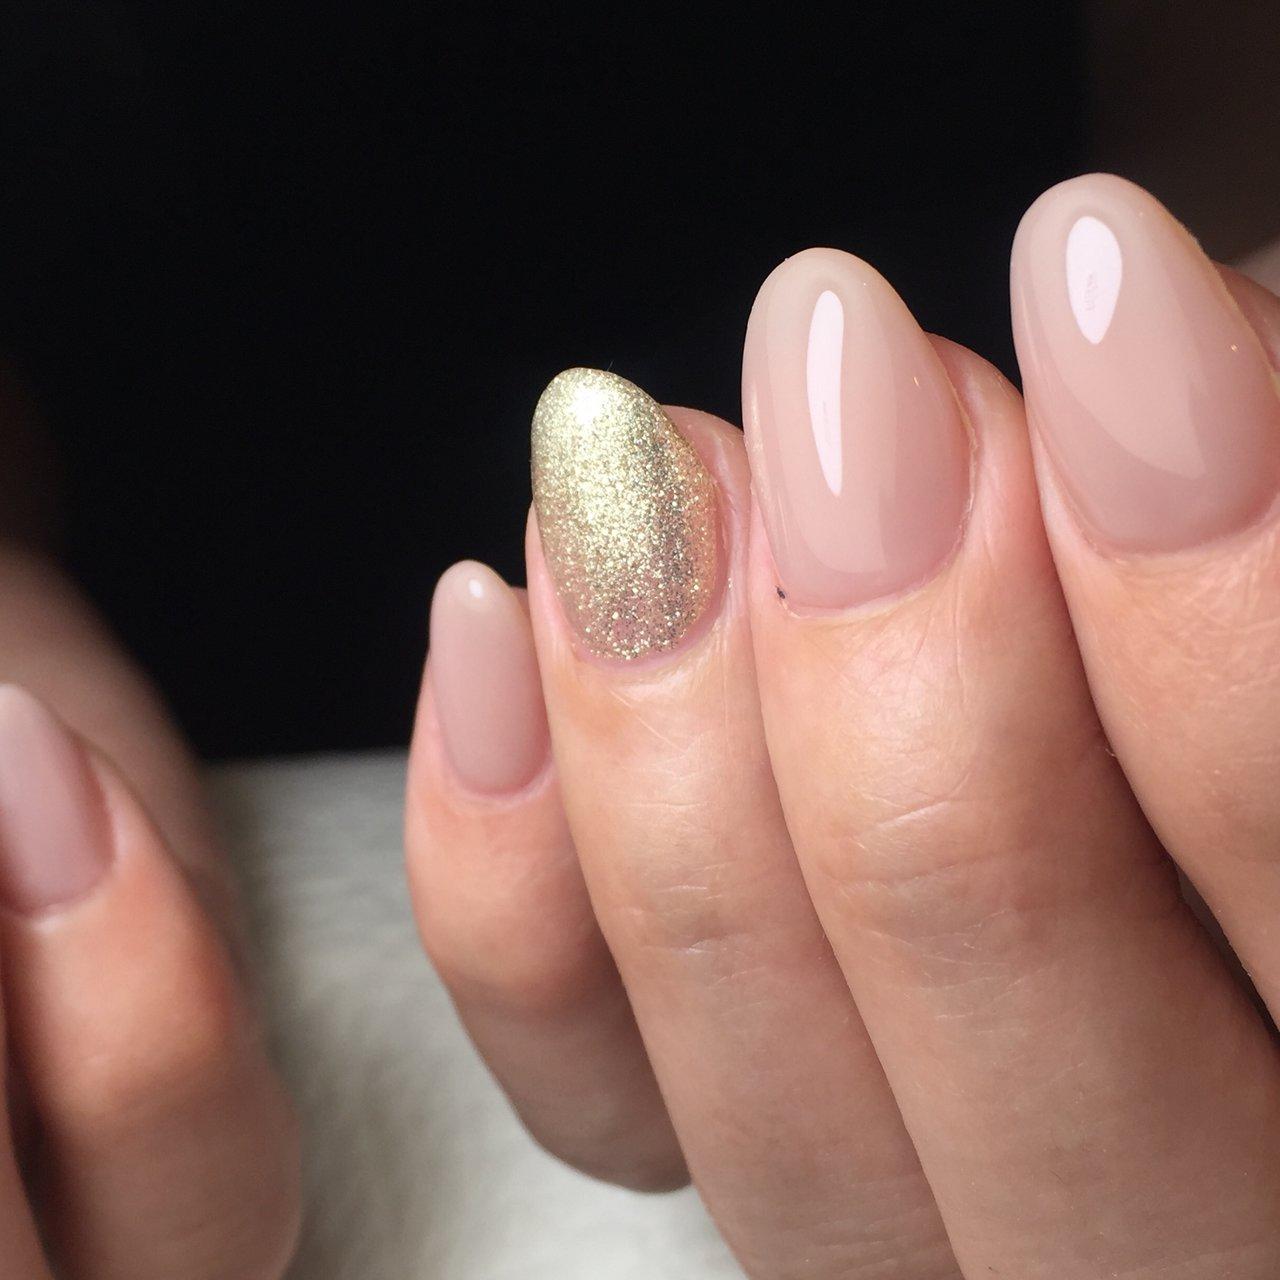 出産後 1年が経ち自分の時間ができて やりたかったことがネイルです ・ ネイル施術中 ずっと嬉しそうな表情をされていて とても可愛くてステキな方でした♡ ・ 手元が綺麗に見える ヌーディーカラーにラメを一本プラスしたネイル ・ #シェルネイル #ヌーディーカラー  #ワンカラーネイル #キレイな指先♡  #造形ネイル #艶麗ネイル  #芦屋ネイルサロン #queensashiya #オールシーズン #オフィス #ブライダル #デート #ハンド #シンプル #ワンカラー #ミディアム #ベージュ #ゴールド #シルバー #ジェル #yukoigarashi #ネイルブック